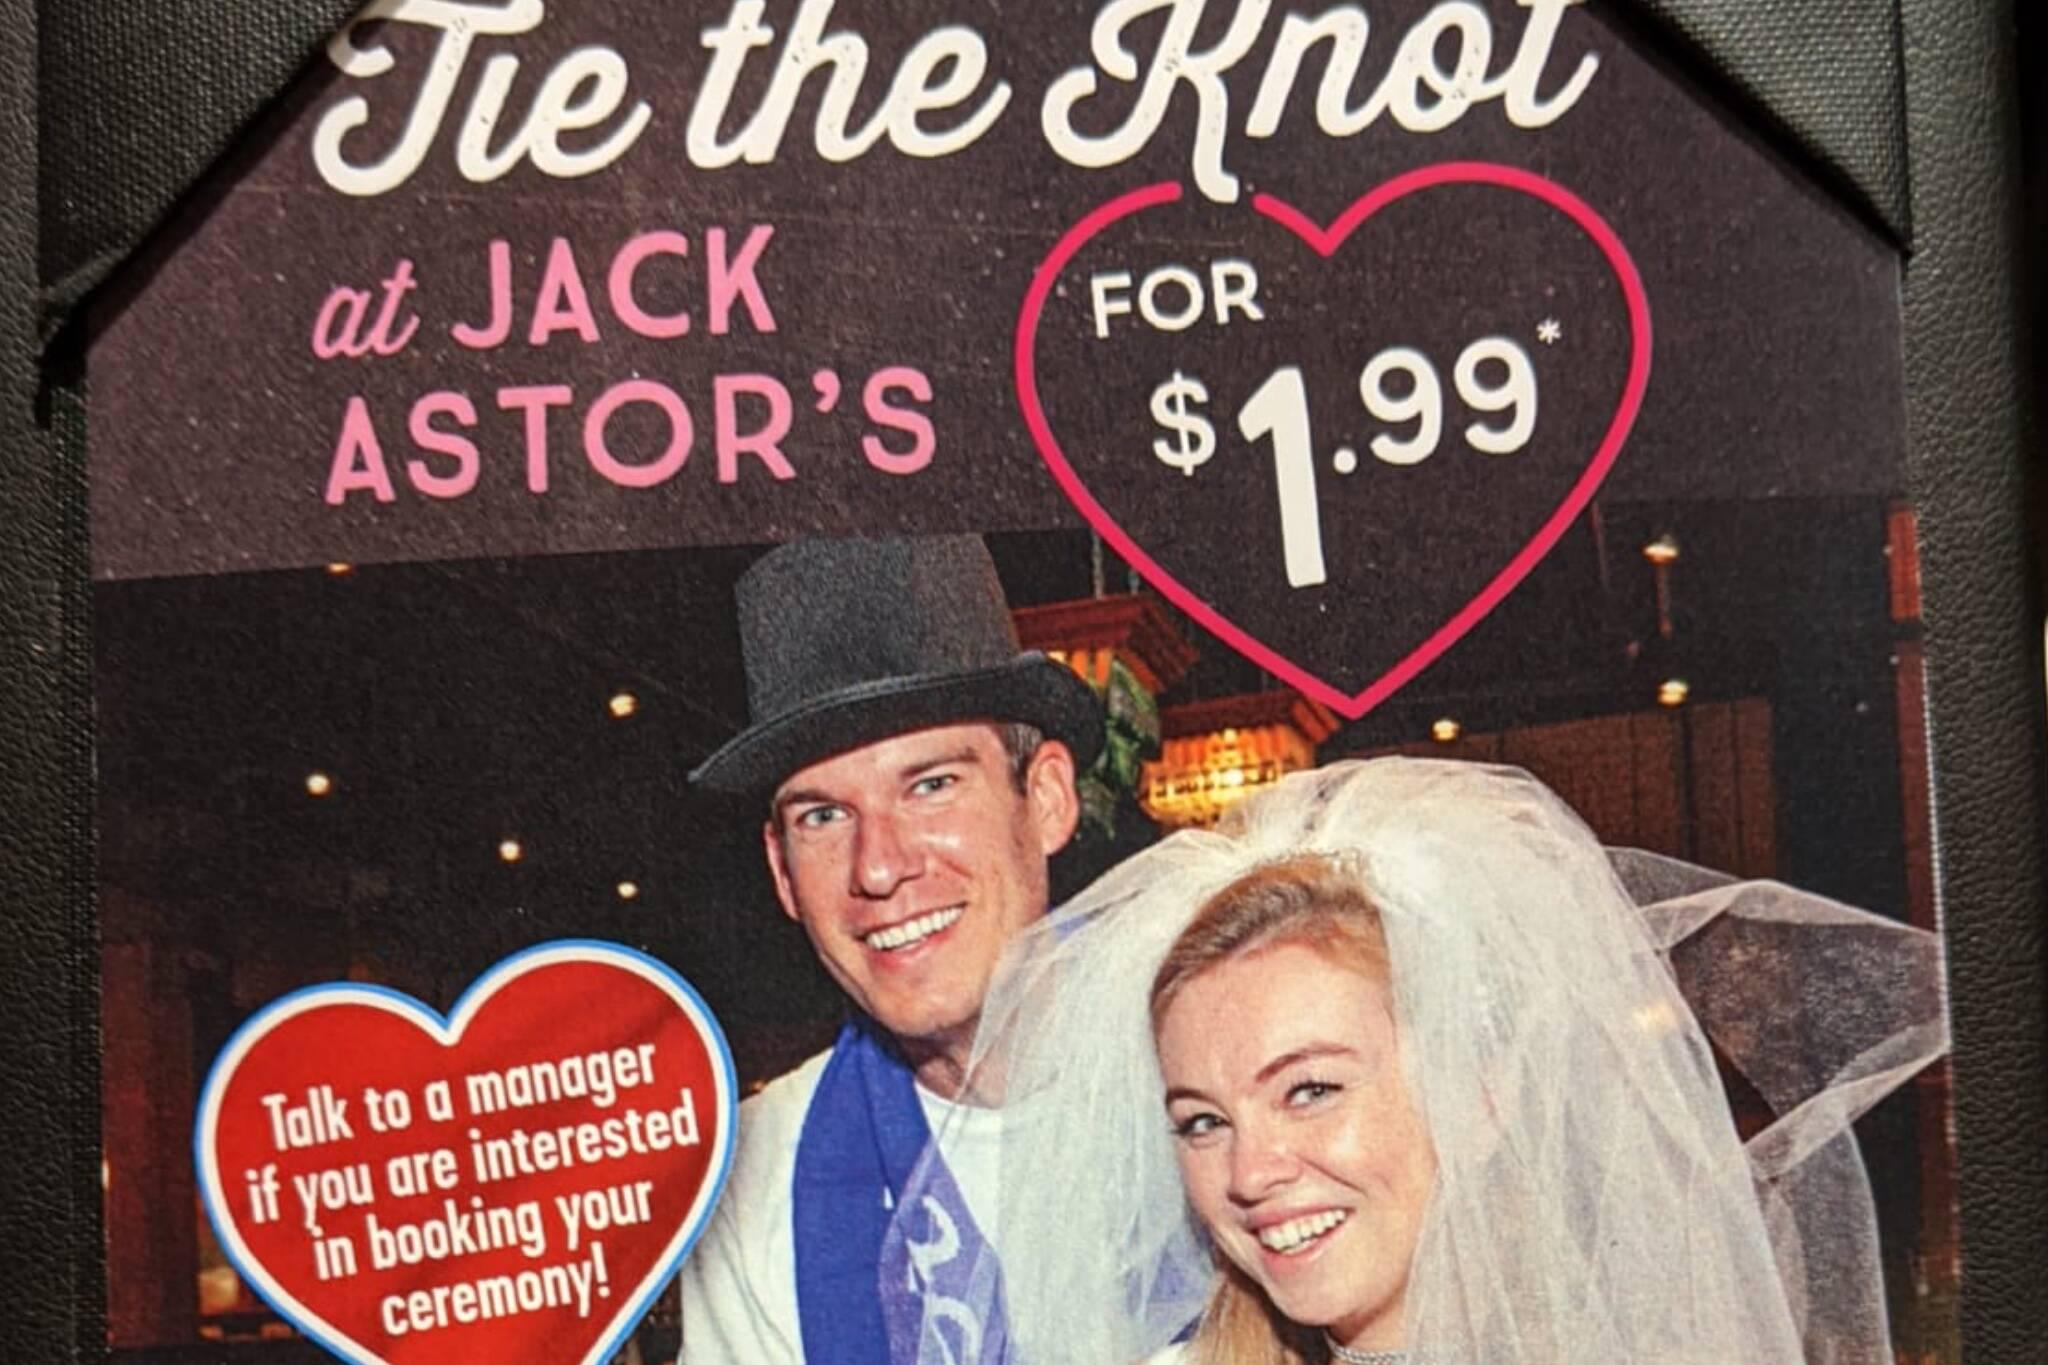 jack astors wedding